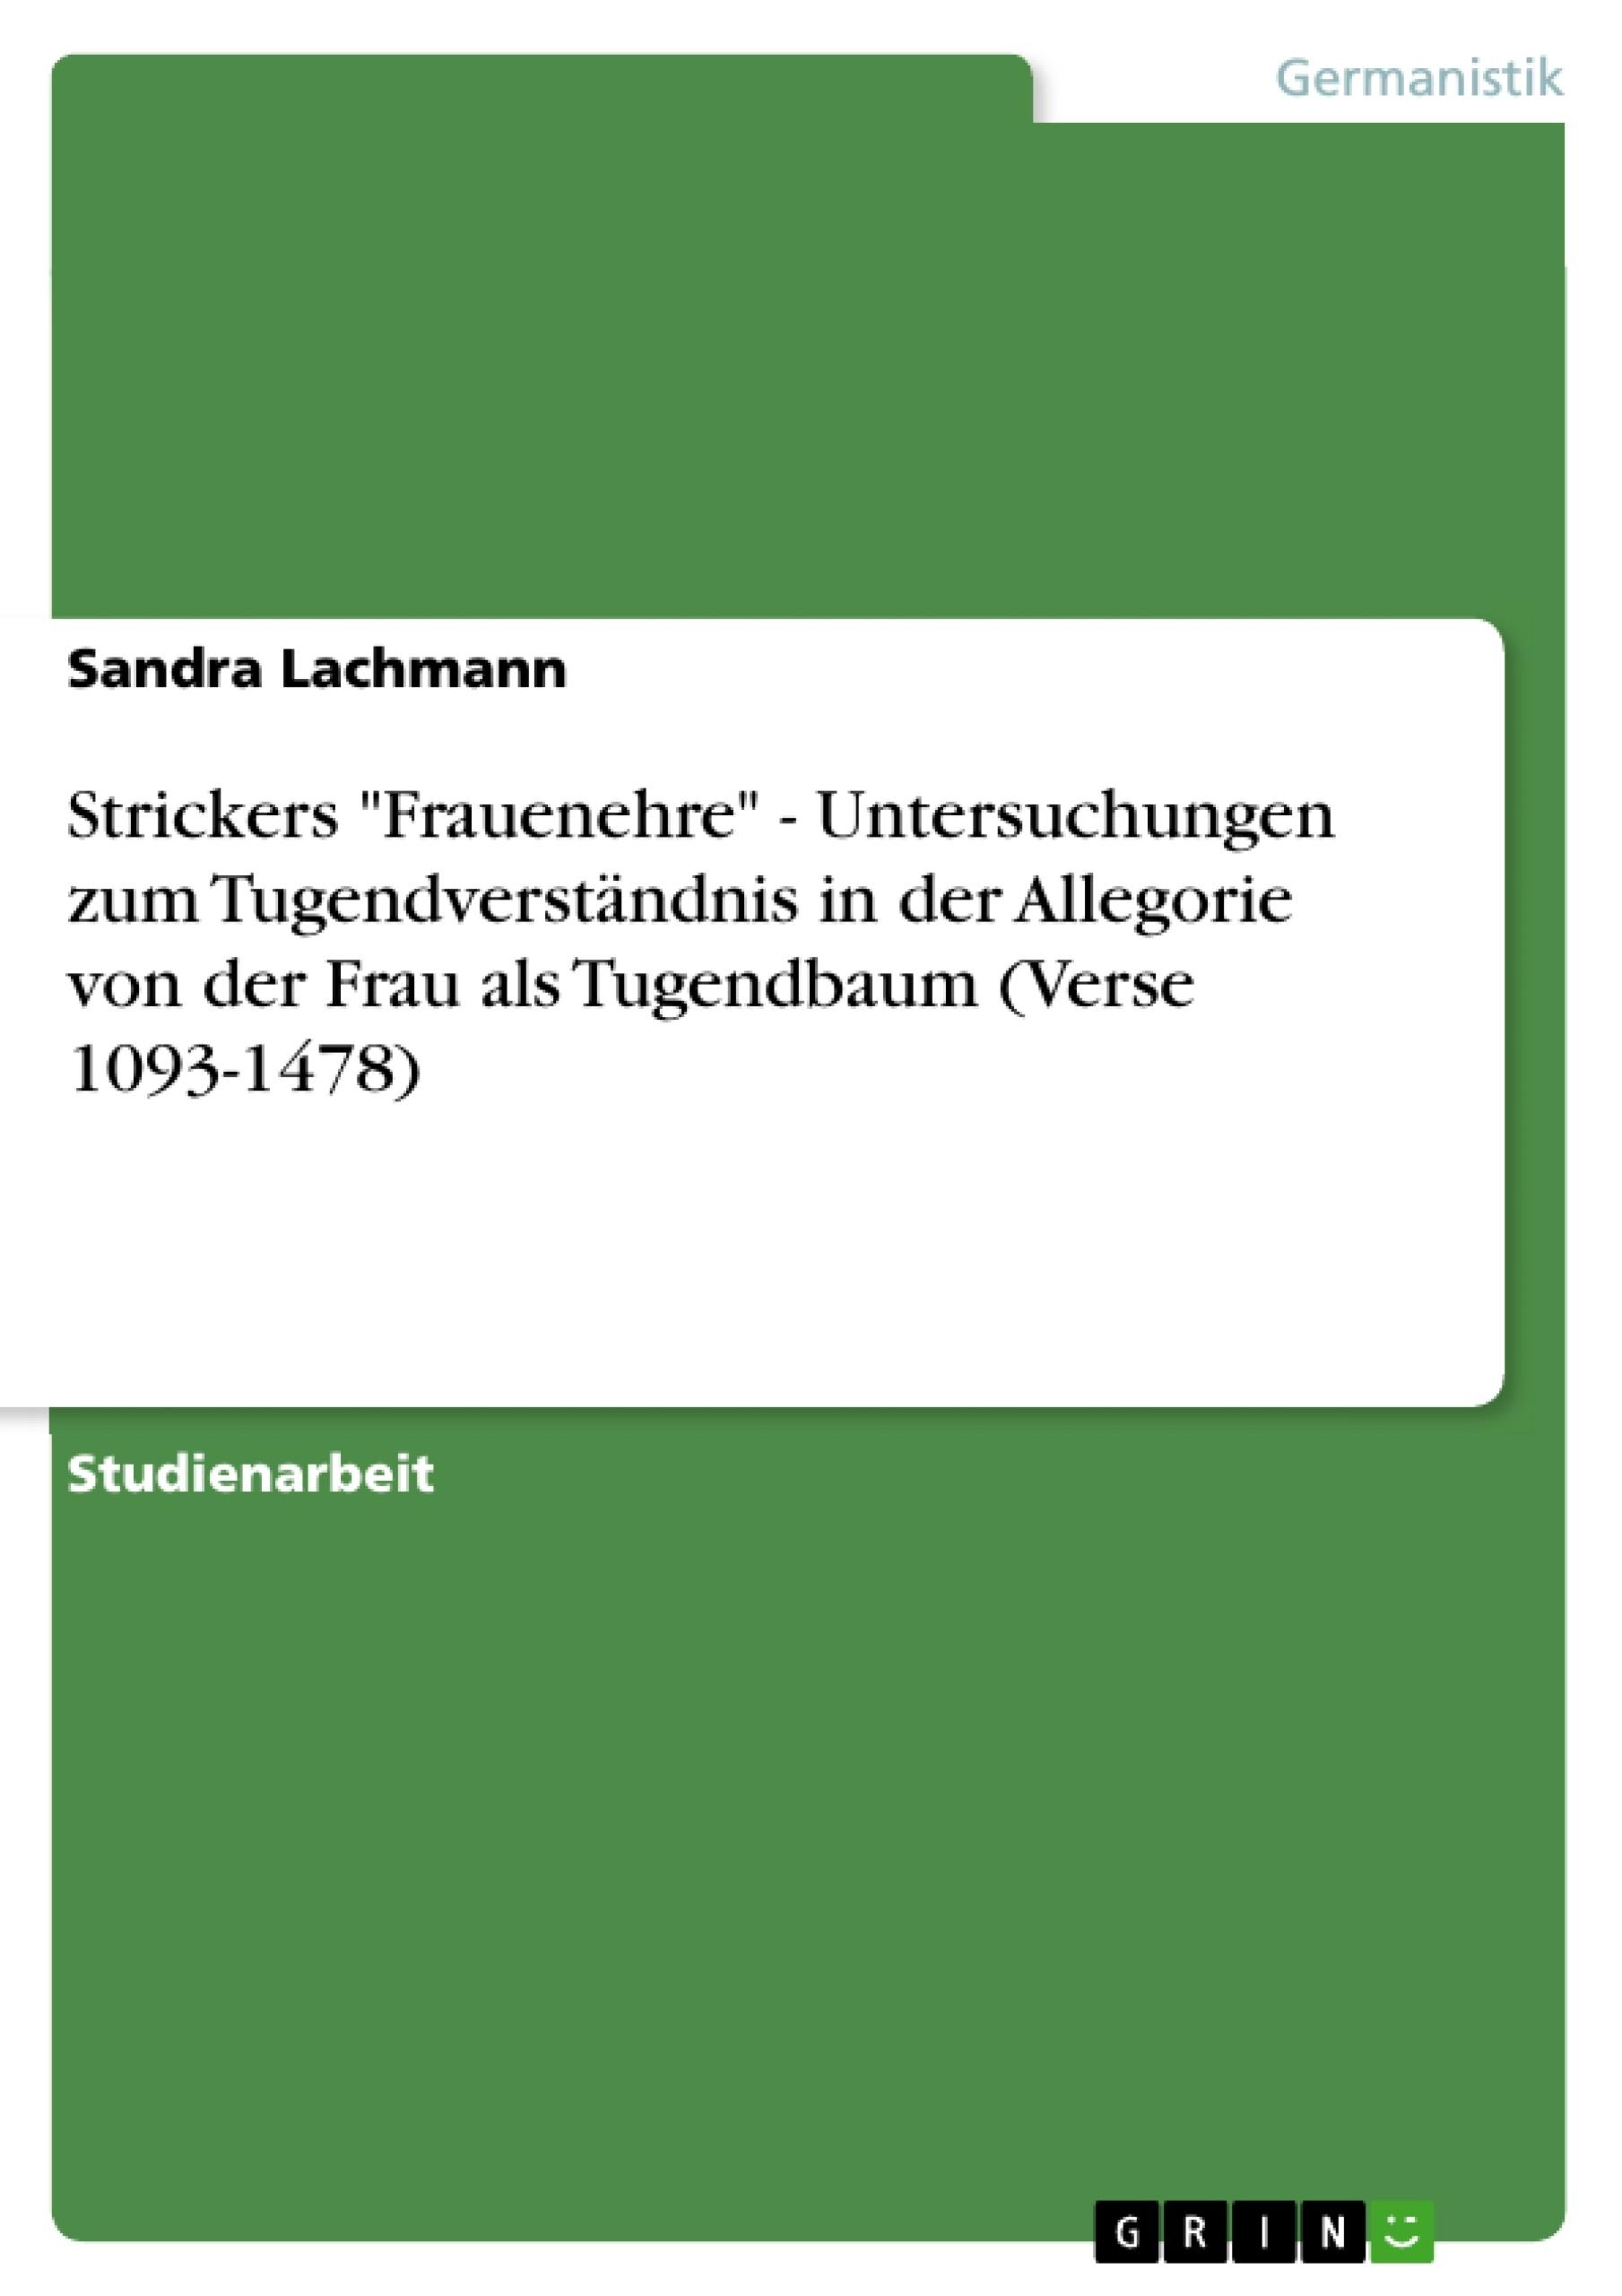 """Titel: Strickers """"Frauenehre"""" - Untersuchungen zum Tugendverständnis in der Allegorie von der Frau als Tugendbaum (Verse 1093-1478)"""